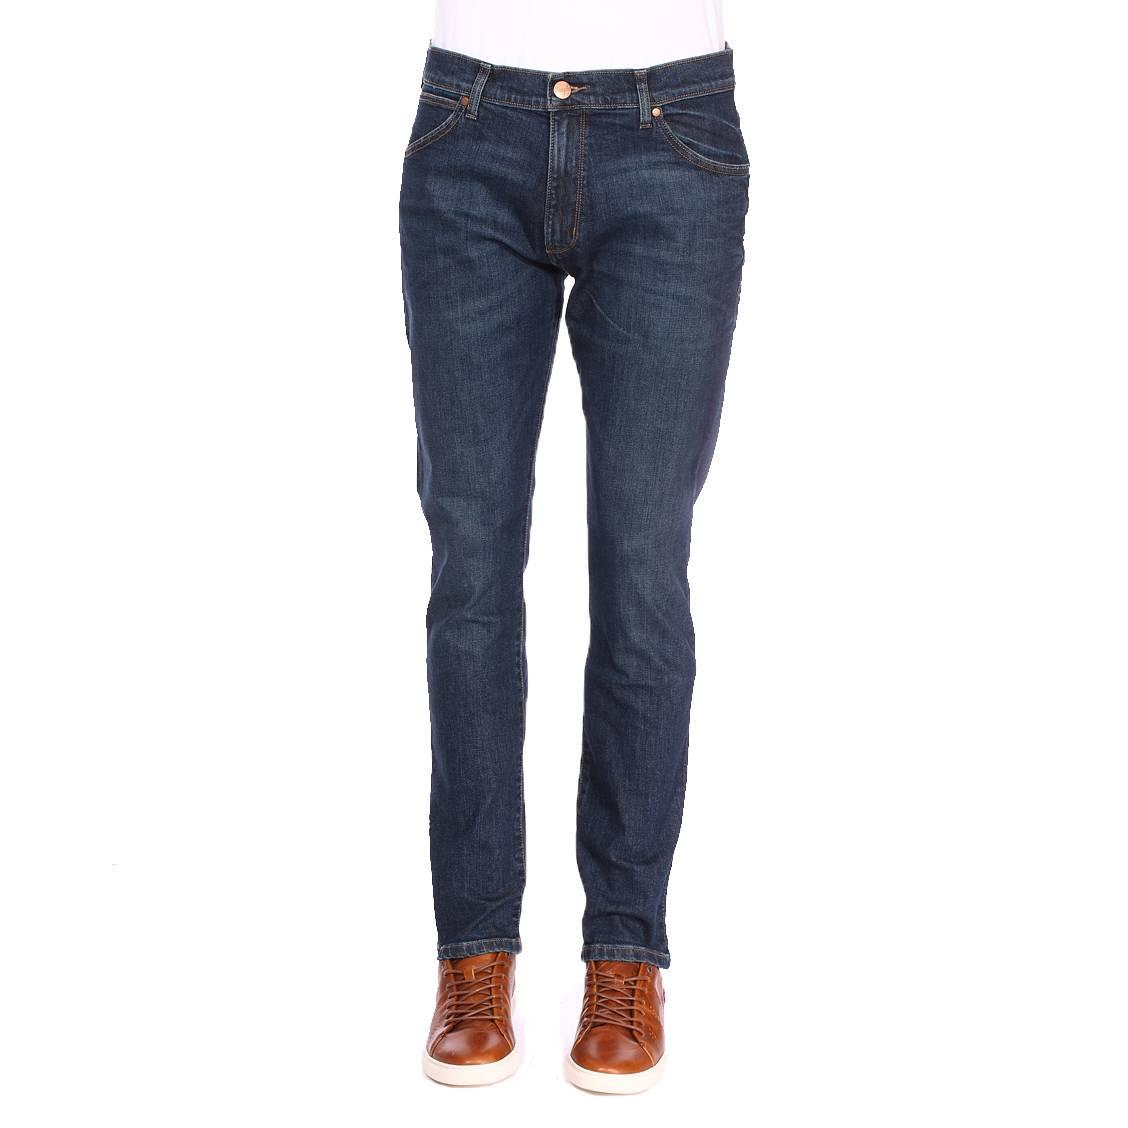 Jean slim tapered  larston en coton stretch bleu foncé légèrement délavé